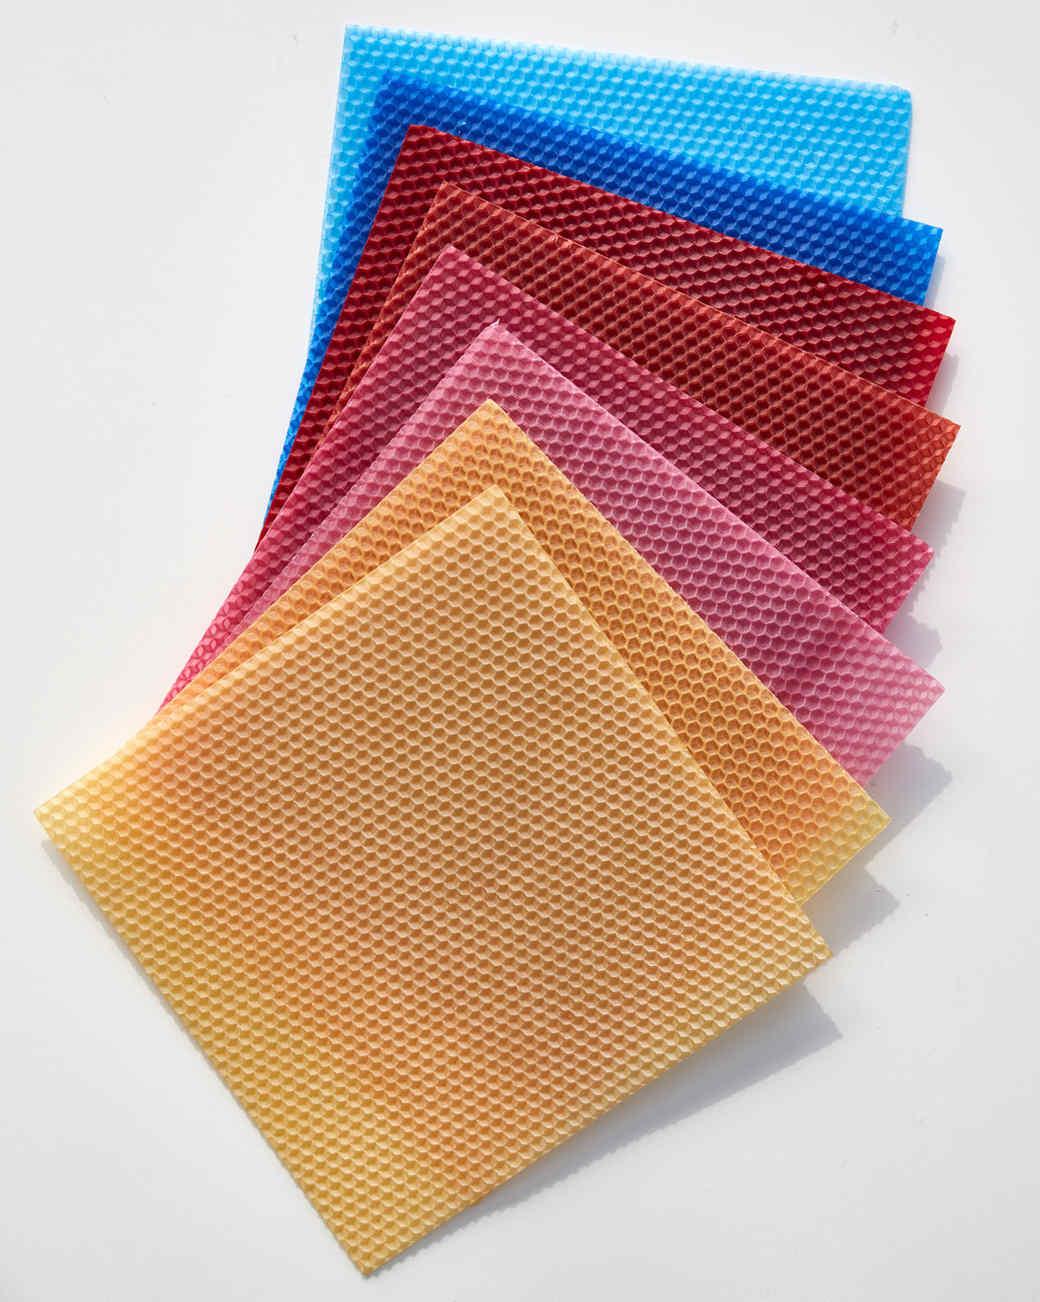 bees wax sheets